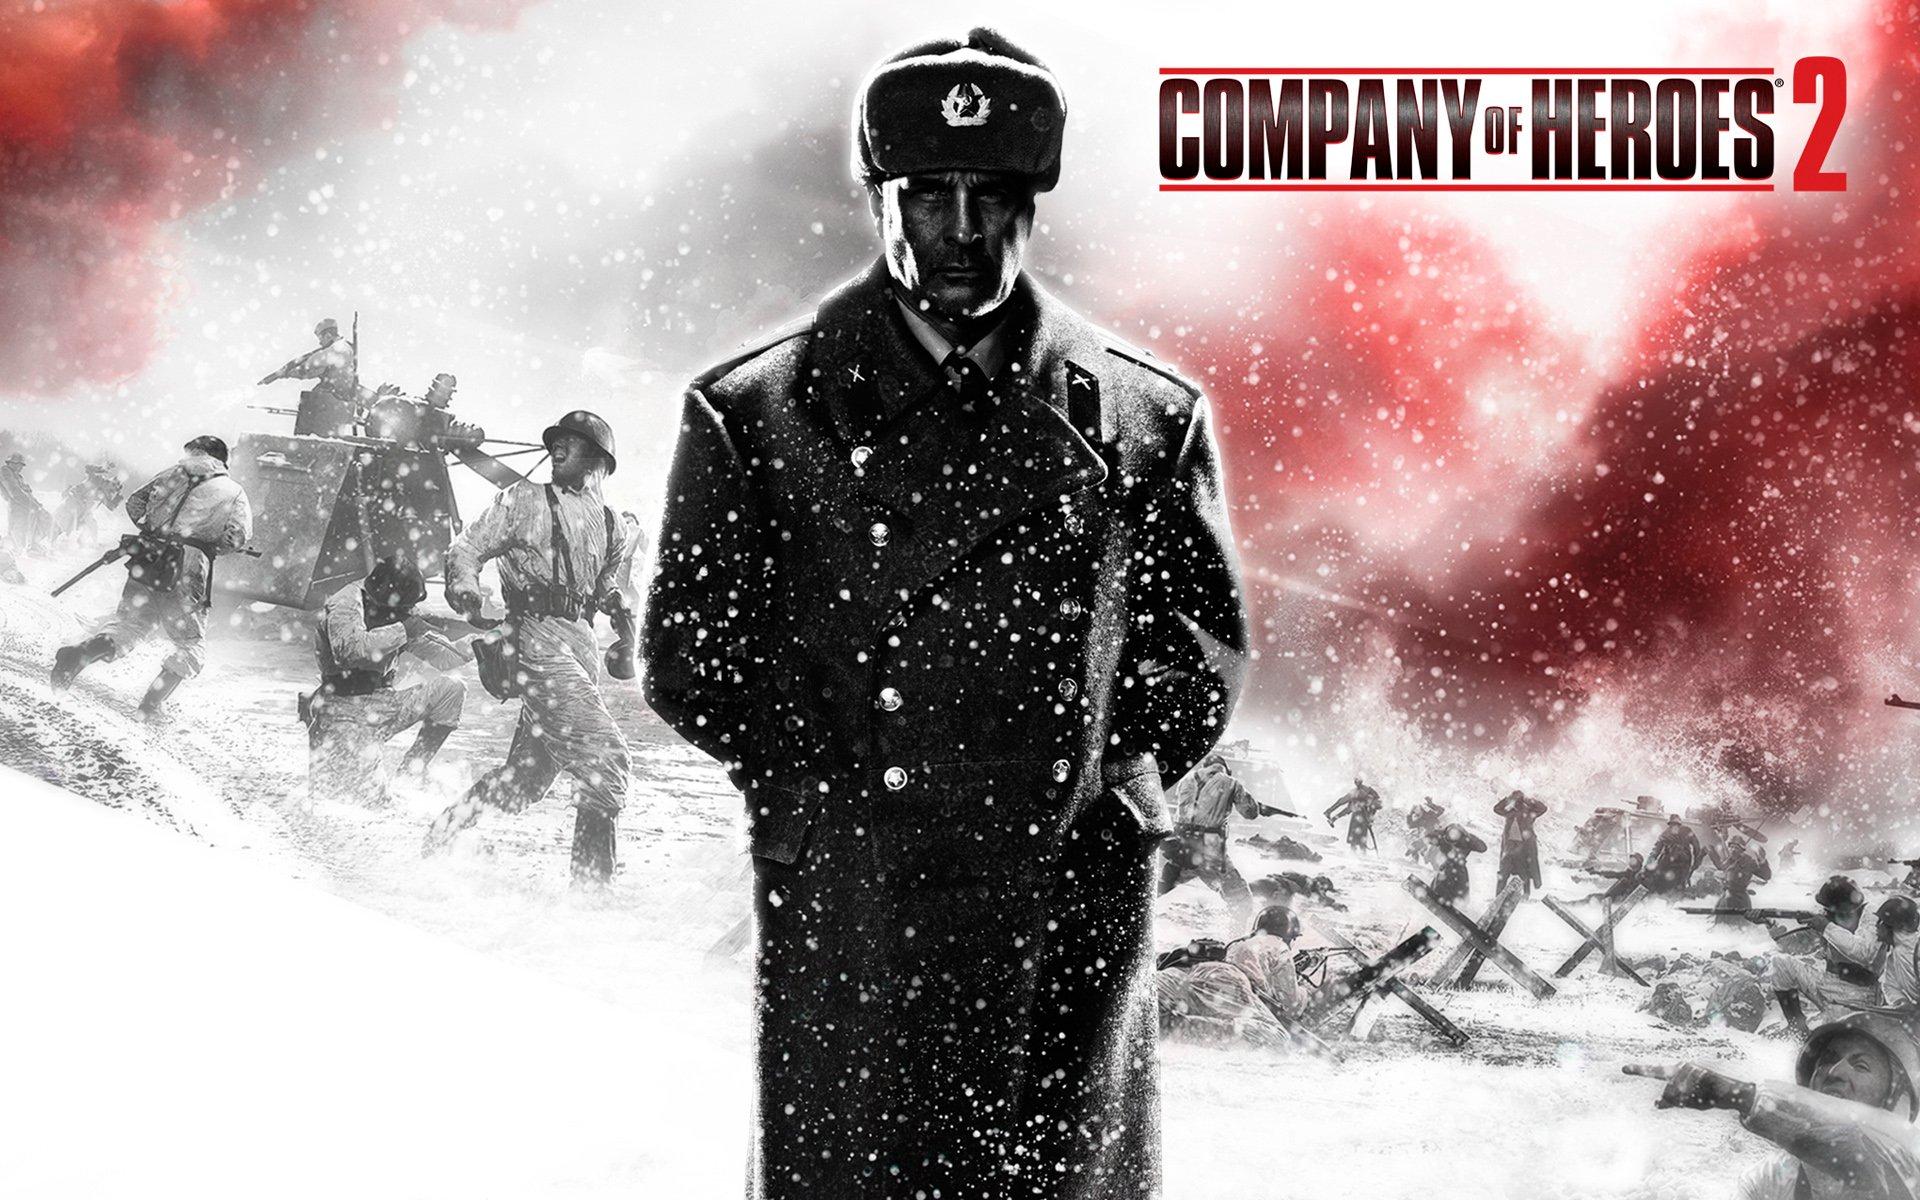 """Зашёл тут в """"Белый Ветер - Цифровой"""" на прилавке лежат коллекционки Company of Heroes 2, все ваши усилия были беспол .... - Изображение 1"""